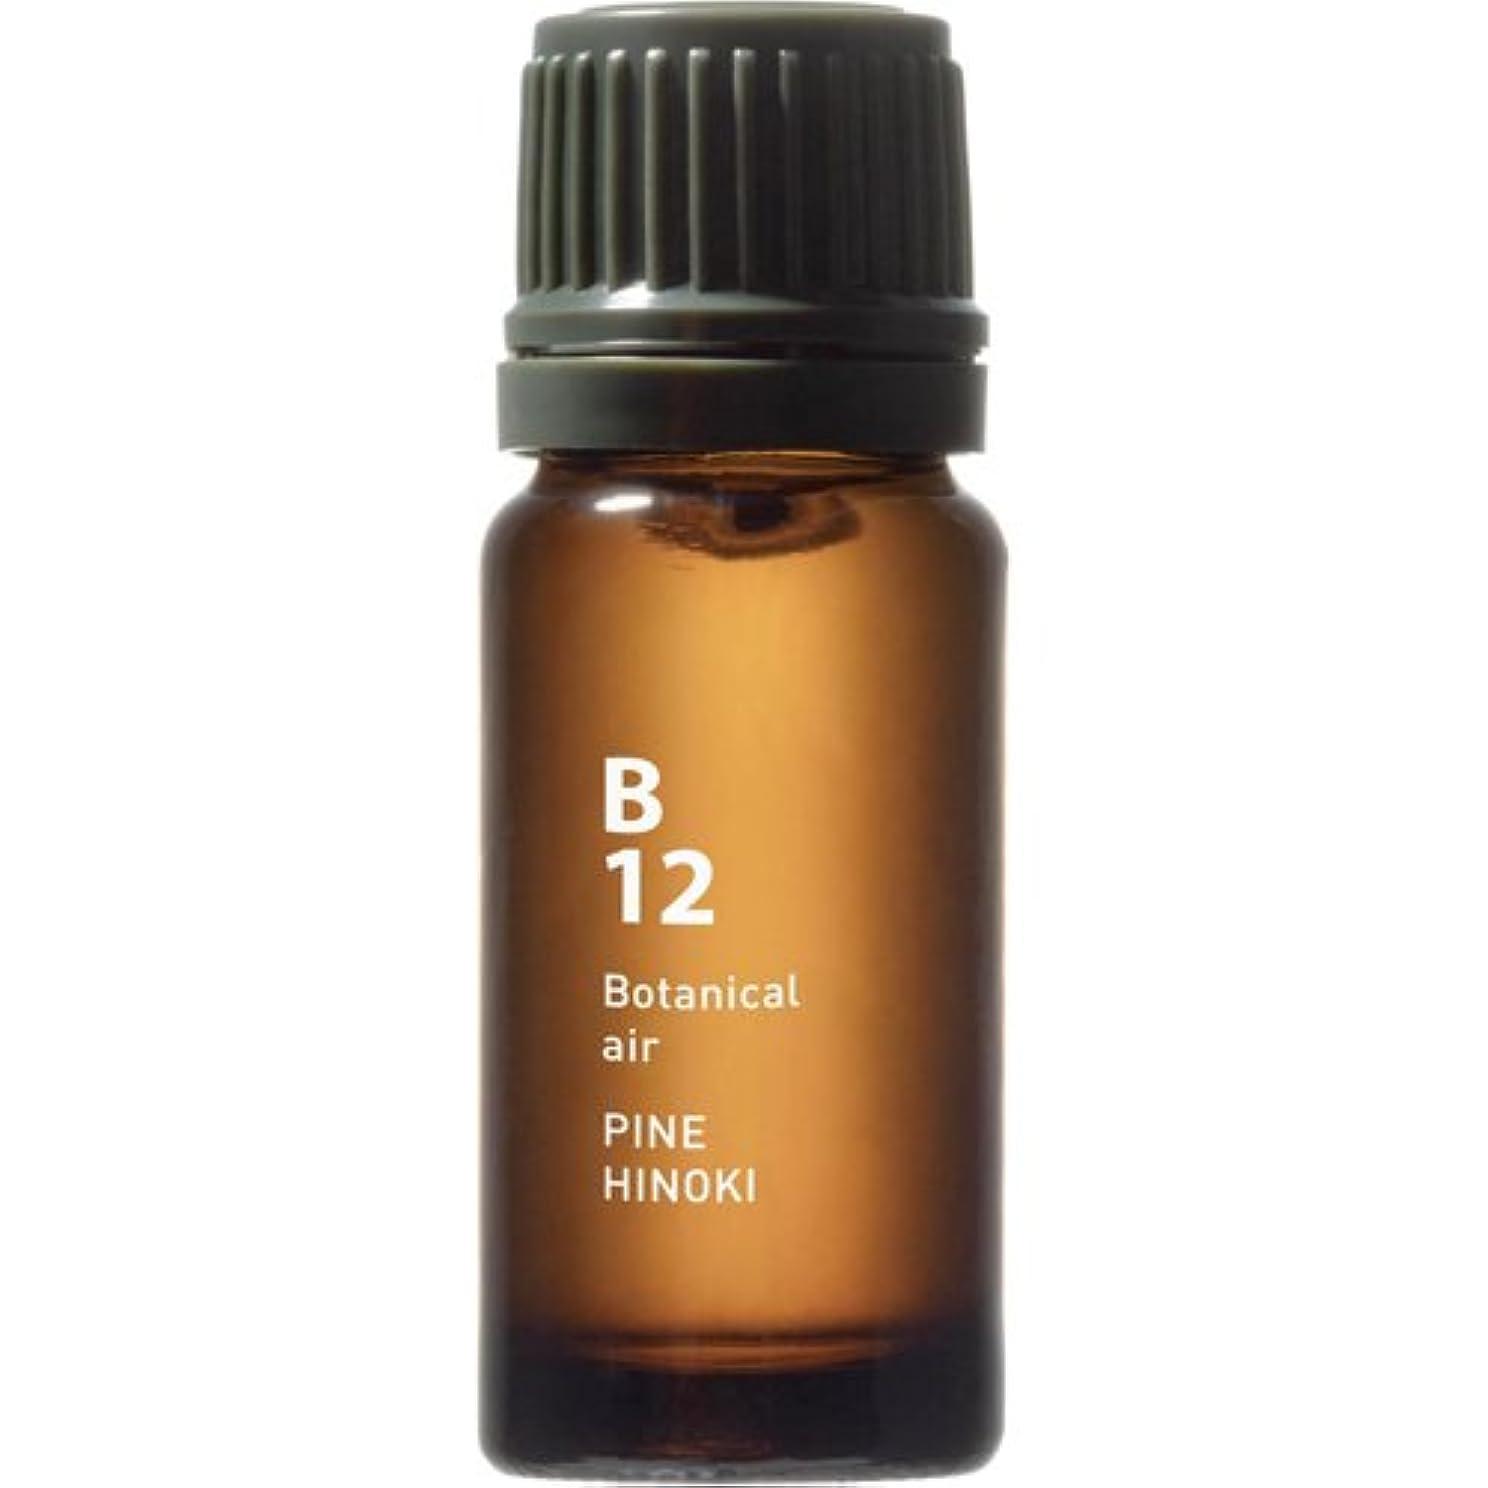 ミシン目床を掃除するフレキシブルB12 パインヒノキ Botanical air(ボタニカルエアー) 10ml